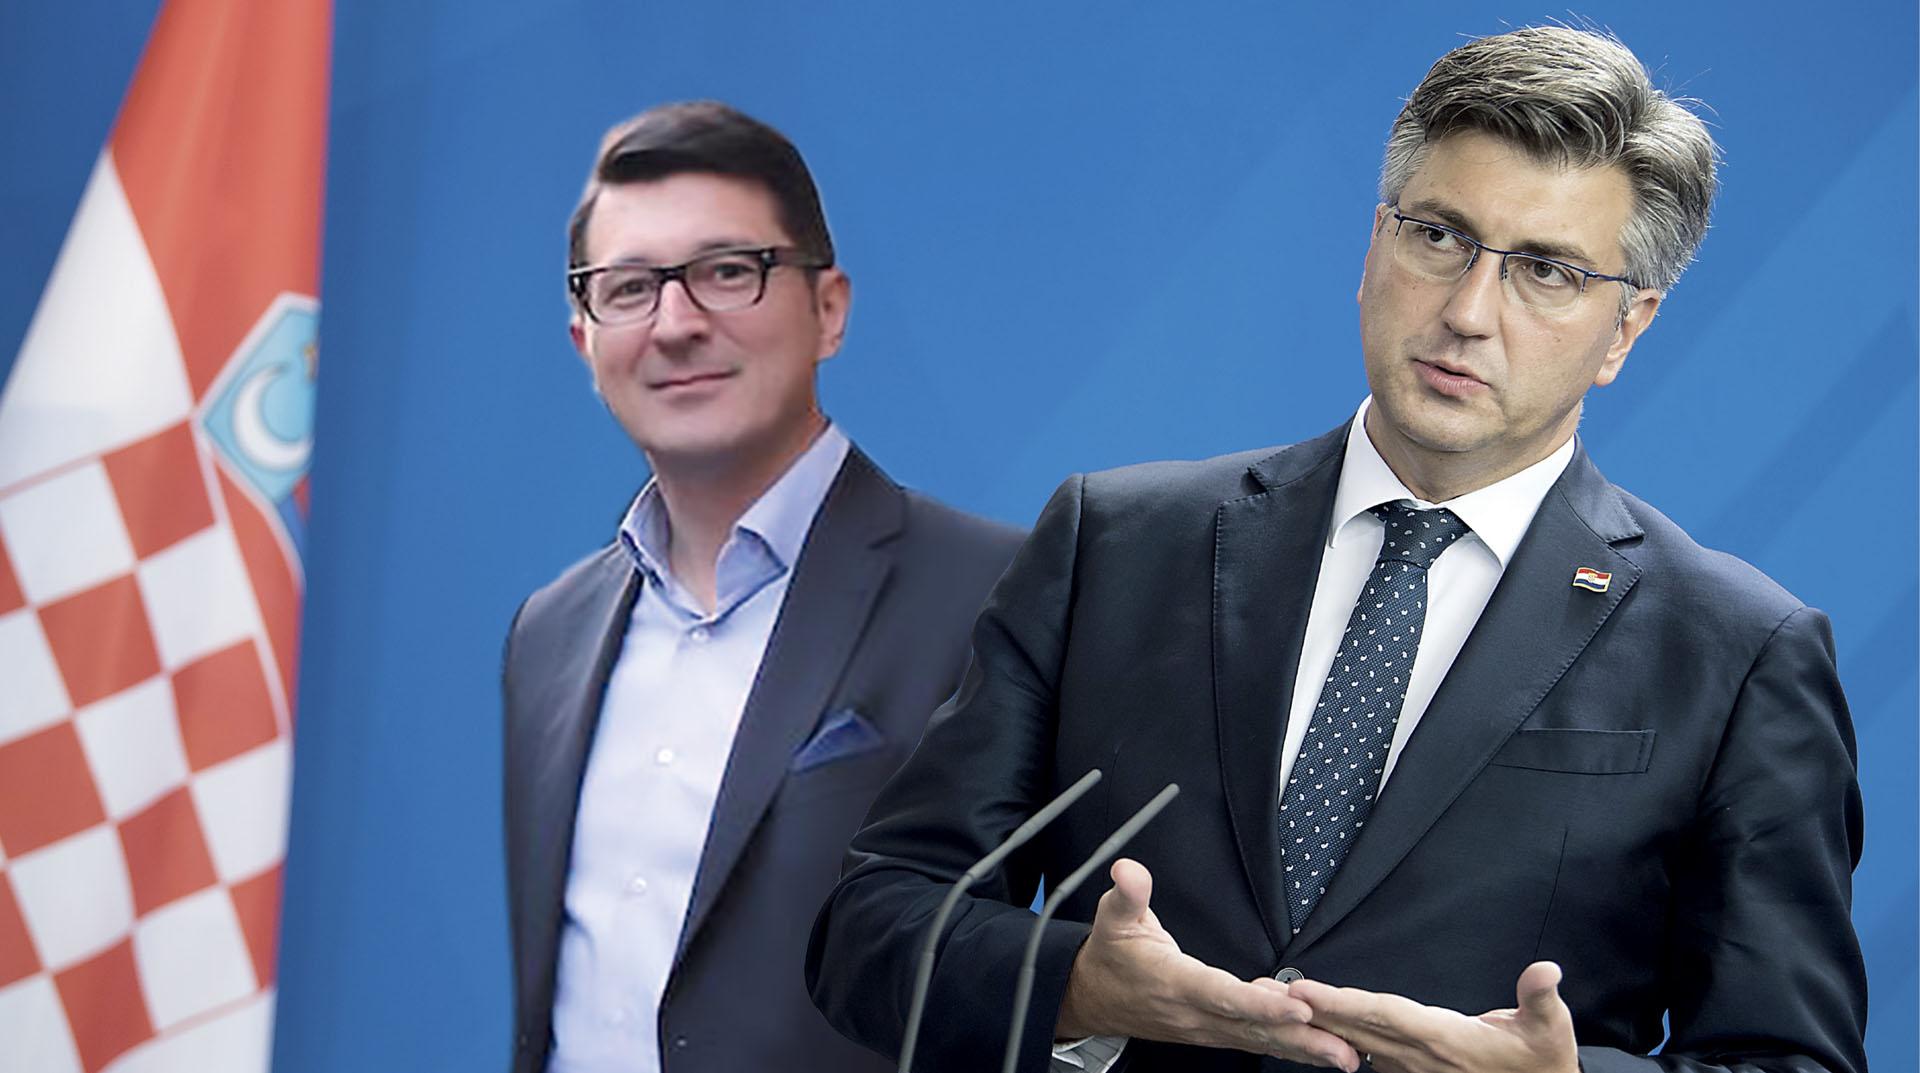 PLENKOVIĆEVU ČOVJEKU ZA LEX AGROKOR Agrokor platio 825 tisuća kuna